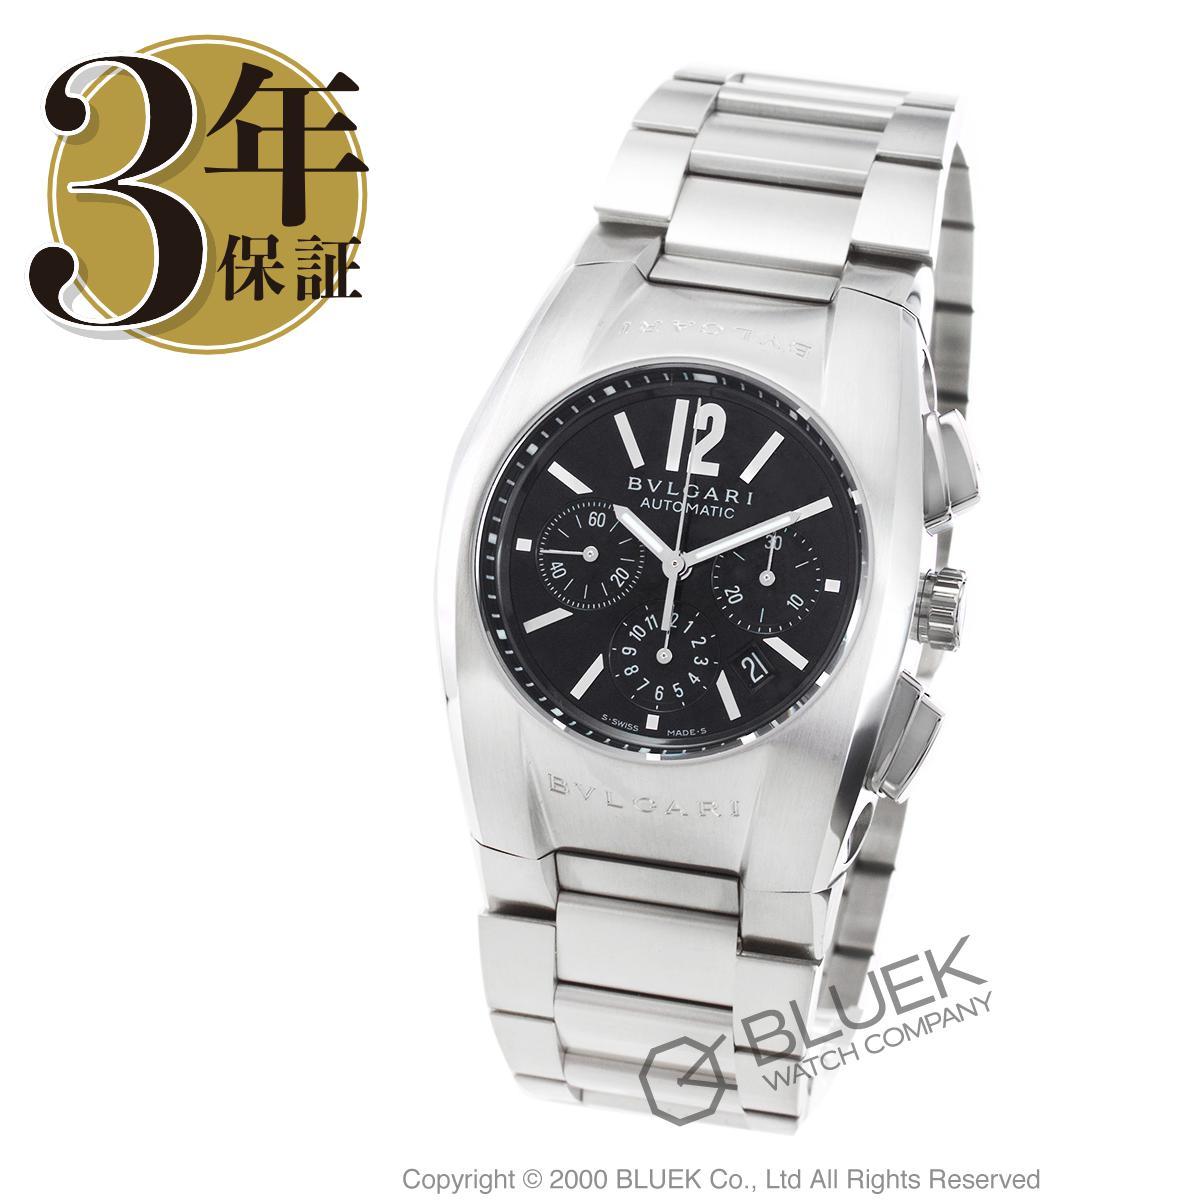 【6,000円OFFクーポン対象】ブルガリ エルゴン クロノグラフ 腕時計 メンズ BVLGARI EG35BSSDCH_8